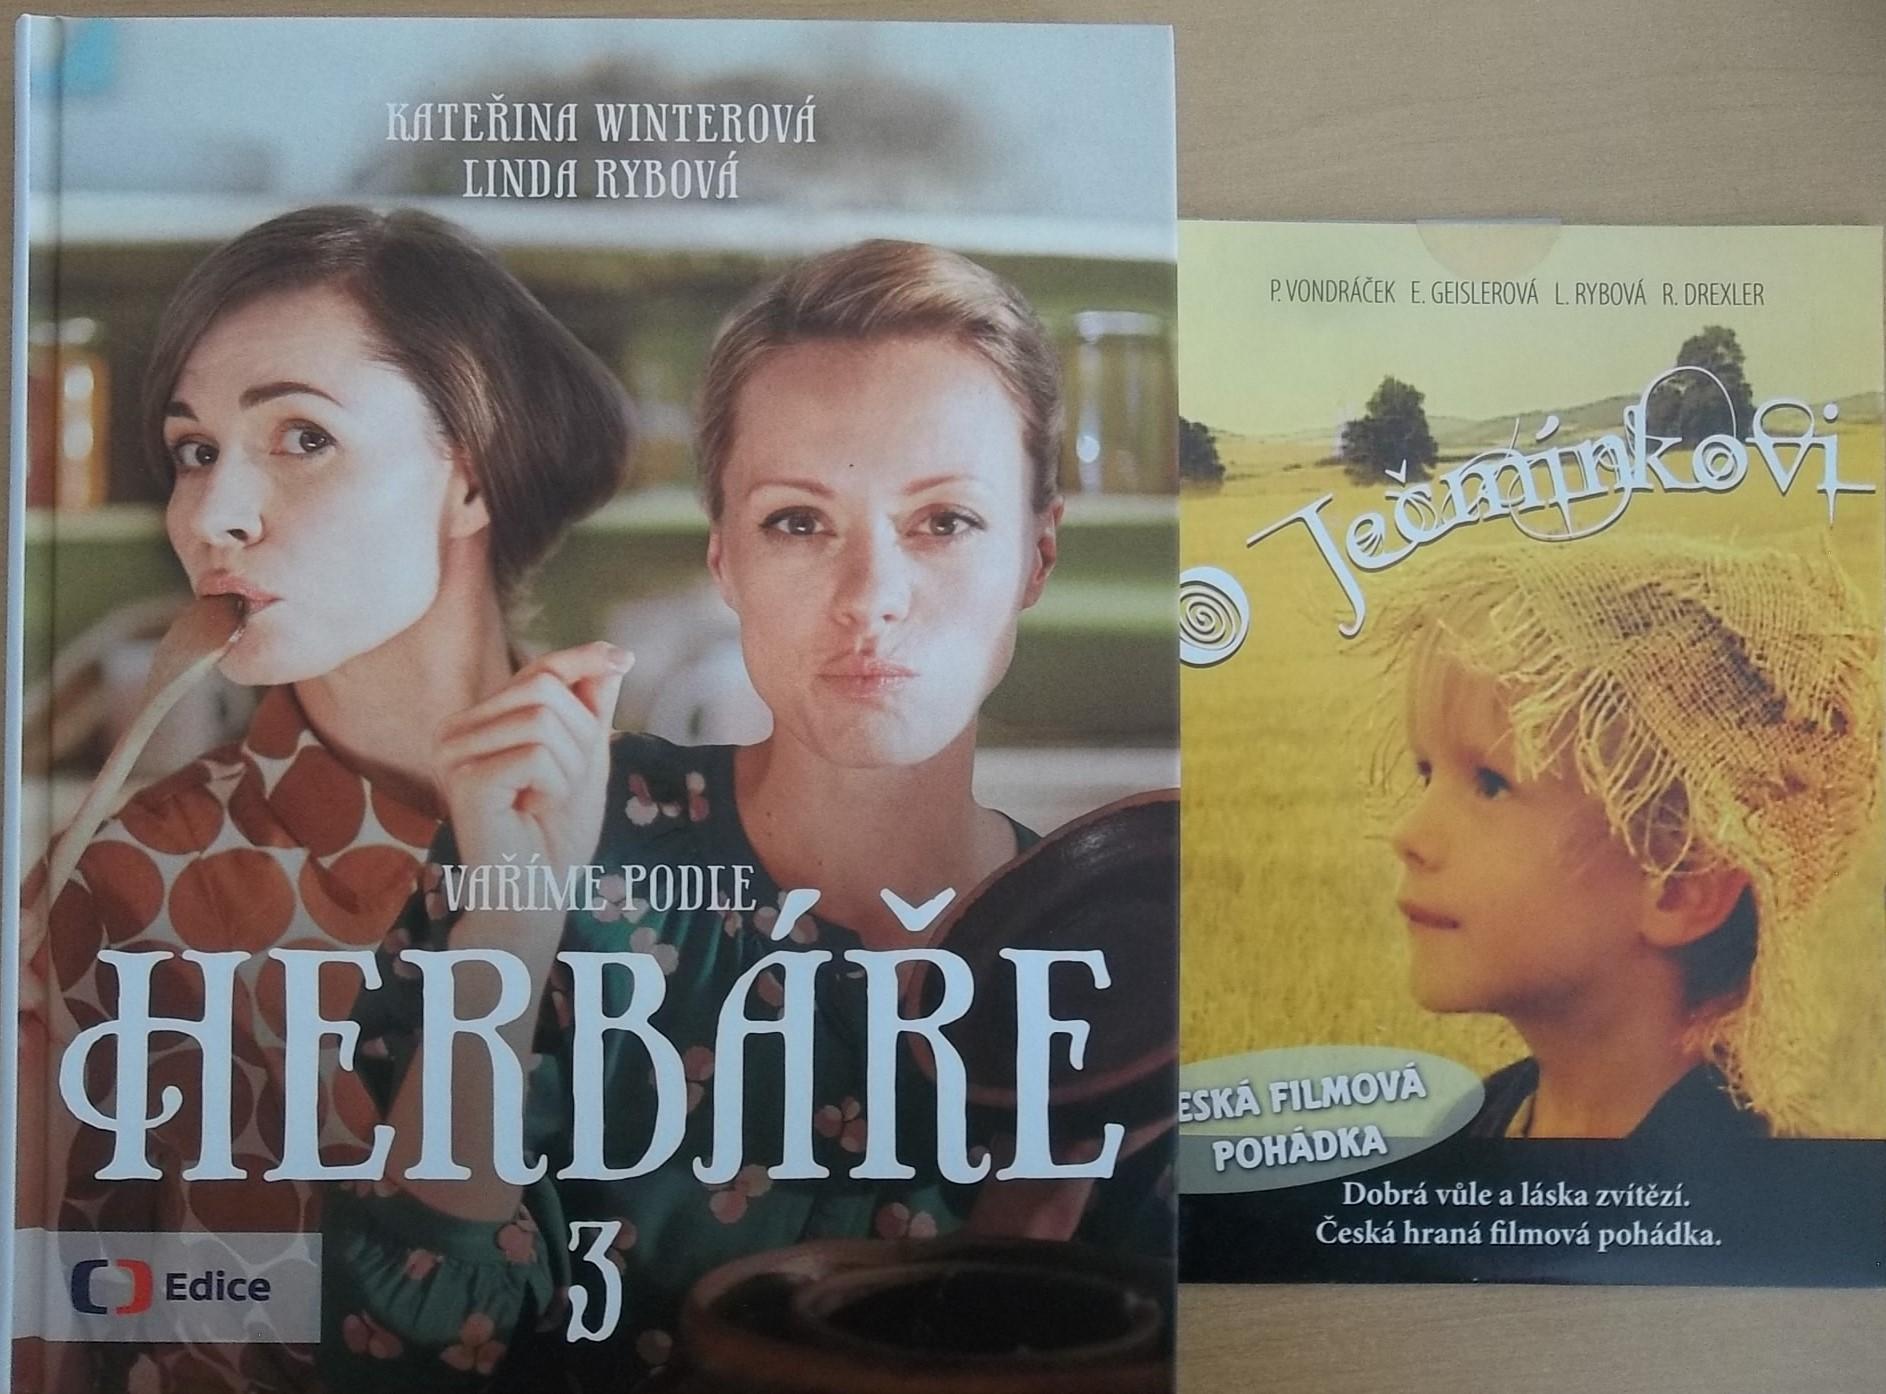 Vaříme podle herbáře 3 - Kateřina Winterová, Linda Rybová + DVD DÁREK